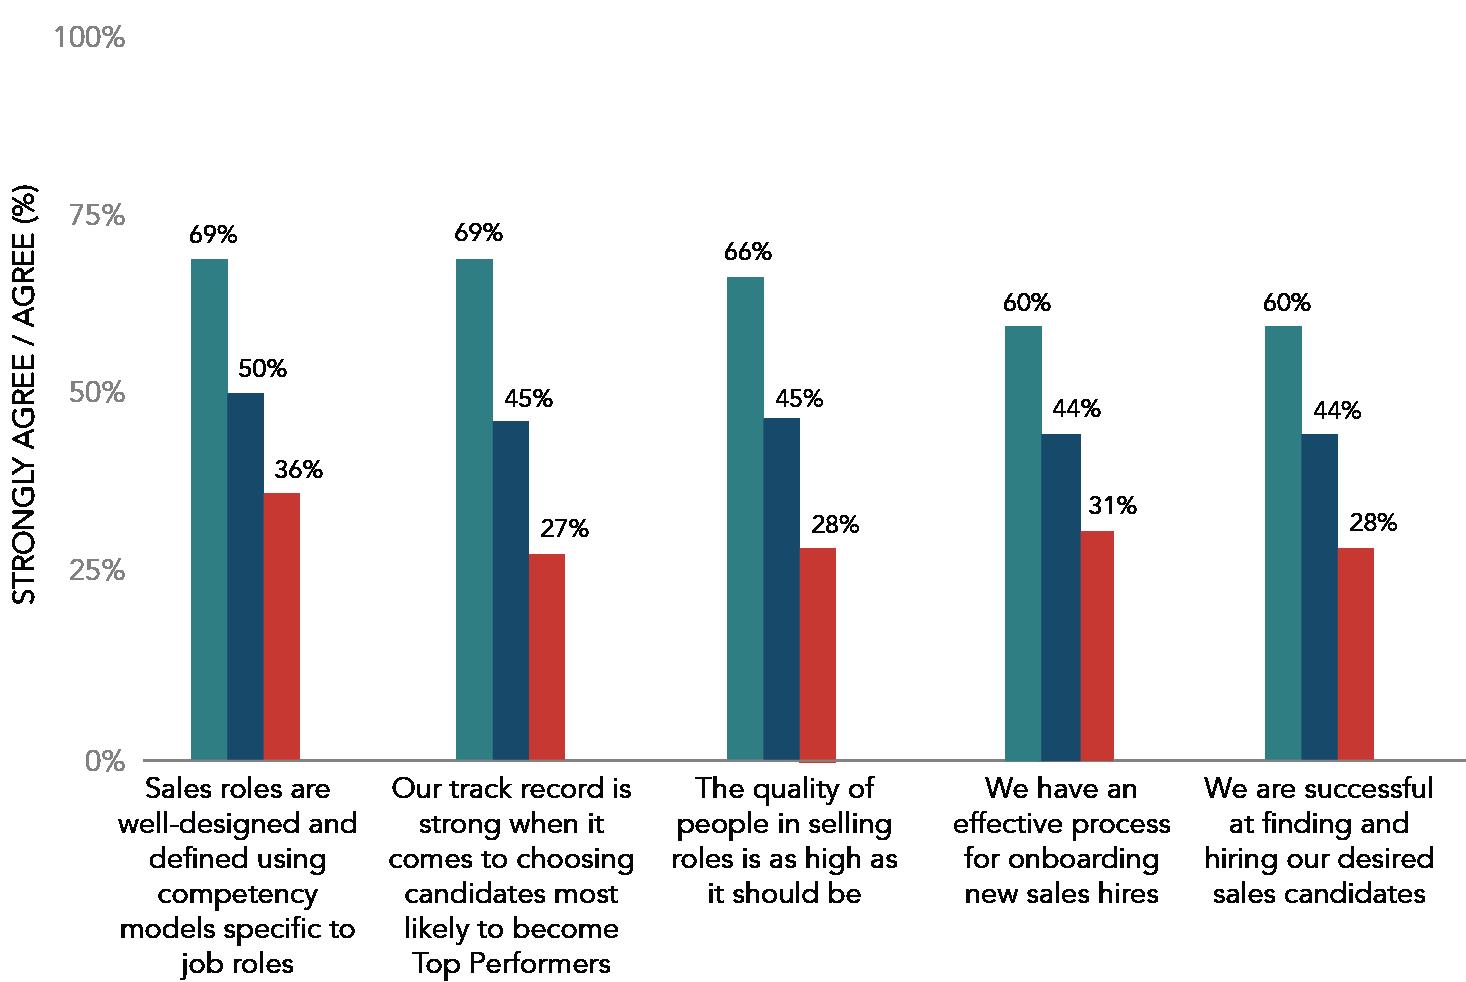 Talent Management Factors by Sales Performance